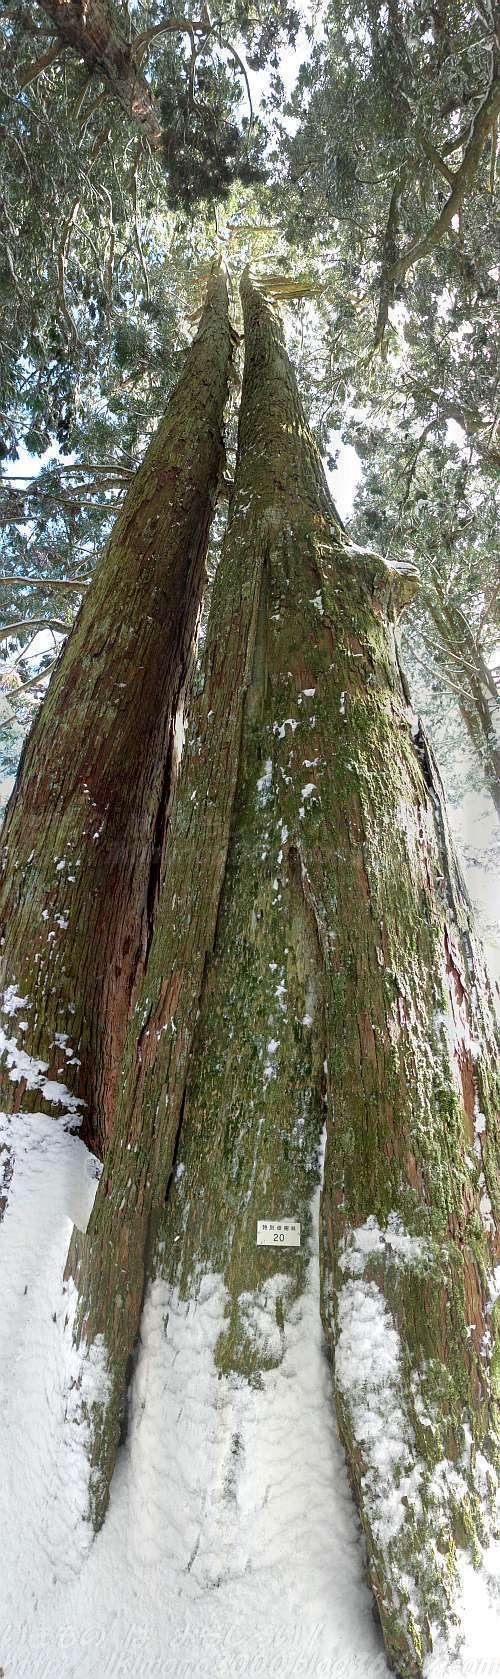 奥の院の参道の一の橋近くの平行杉〈特別母樹林20〉(2015年1月)